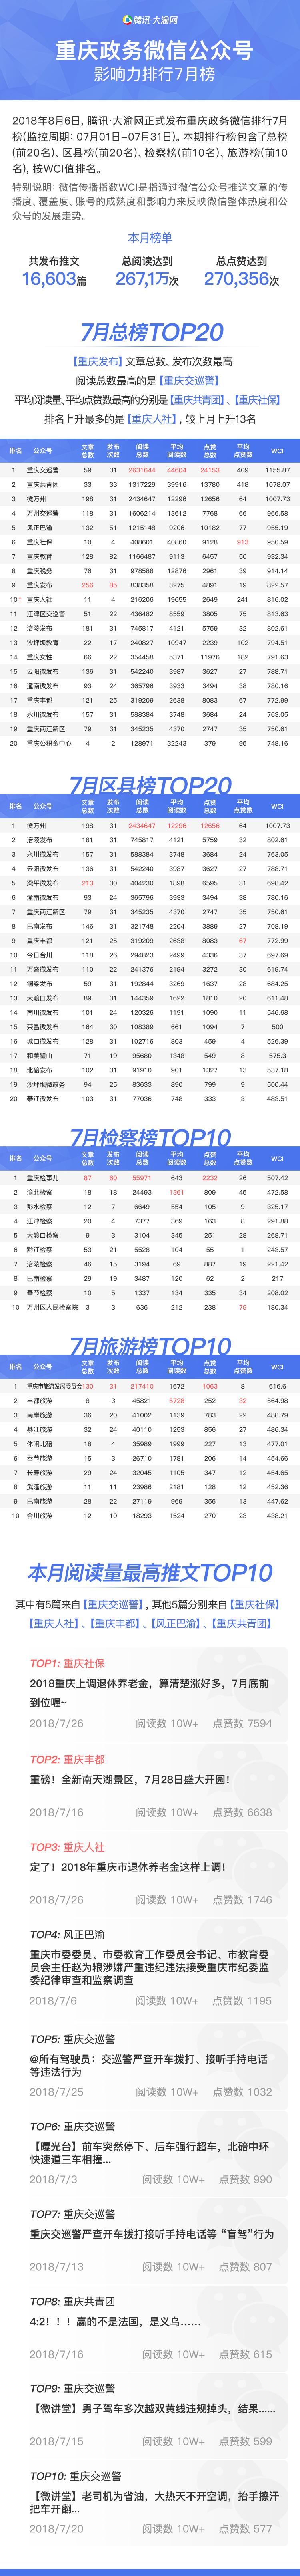 """重庆政务微信排行7月榜 """"重庆人社""""进入总榜前十"""